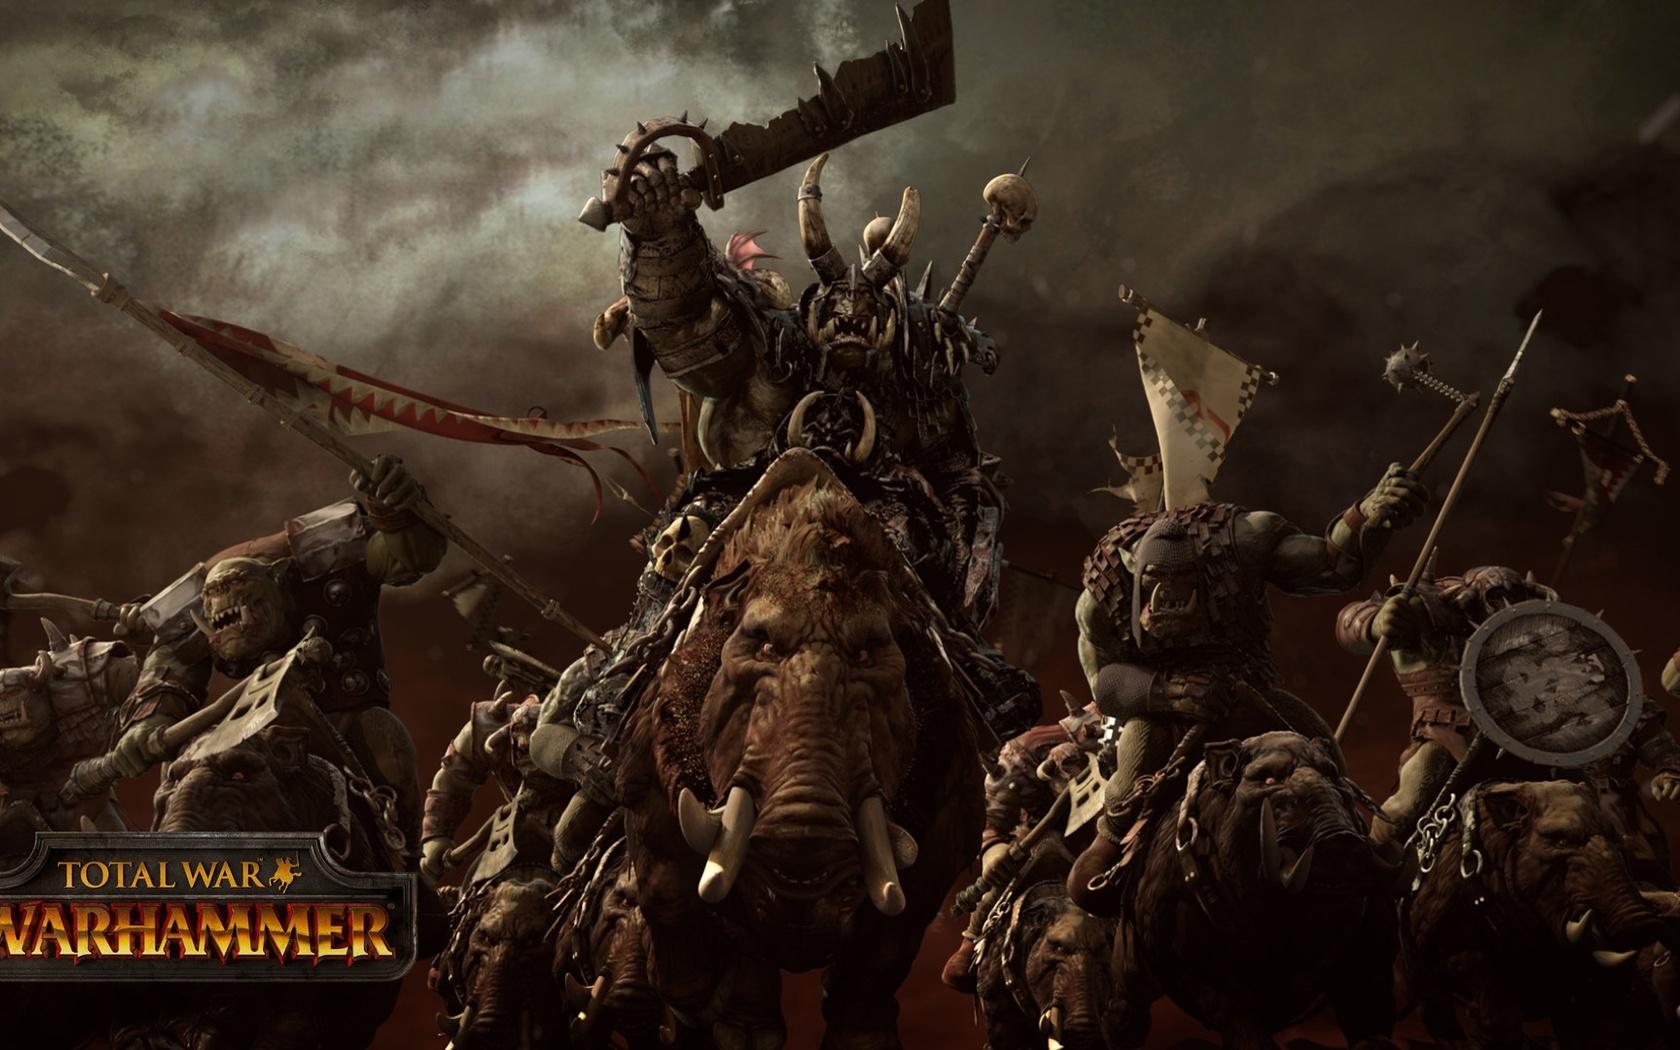 Total War Warhammer Wallpaper: 1680x1050 Orcs Total War Warhammer 1680x1050 Resolution HD